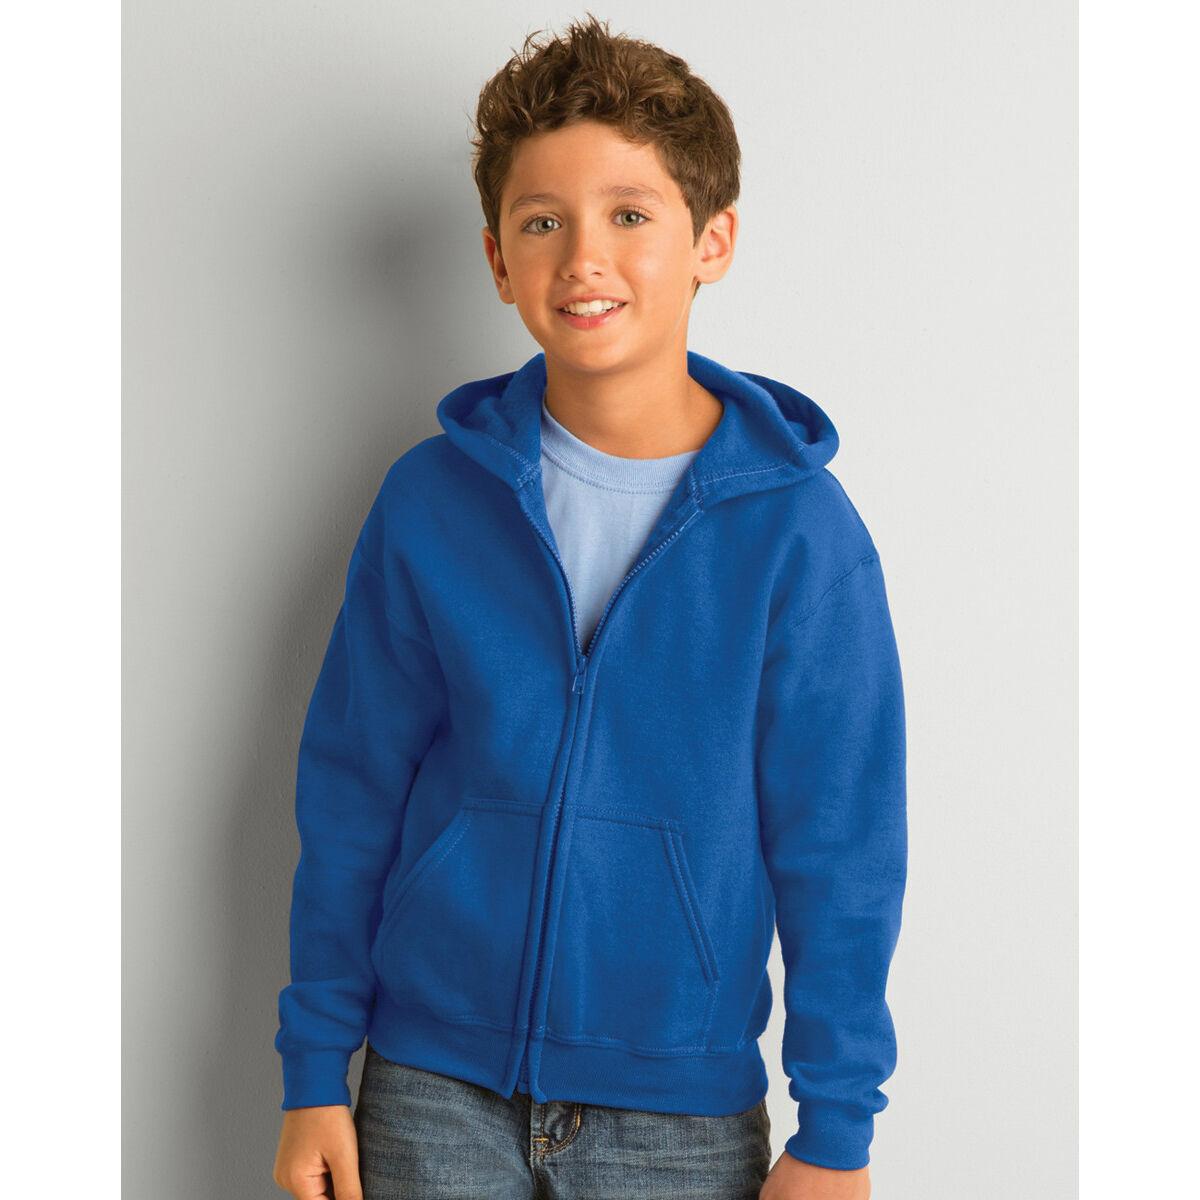 Gildan Kids Zip Hooded Sweatshirt